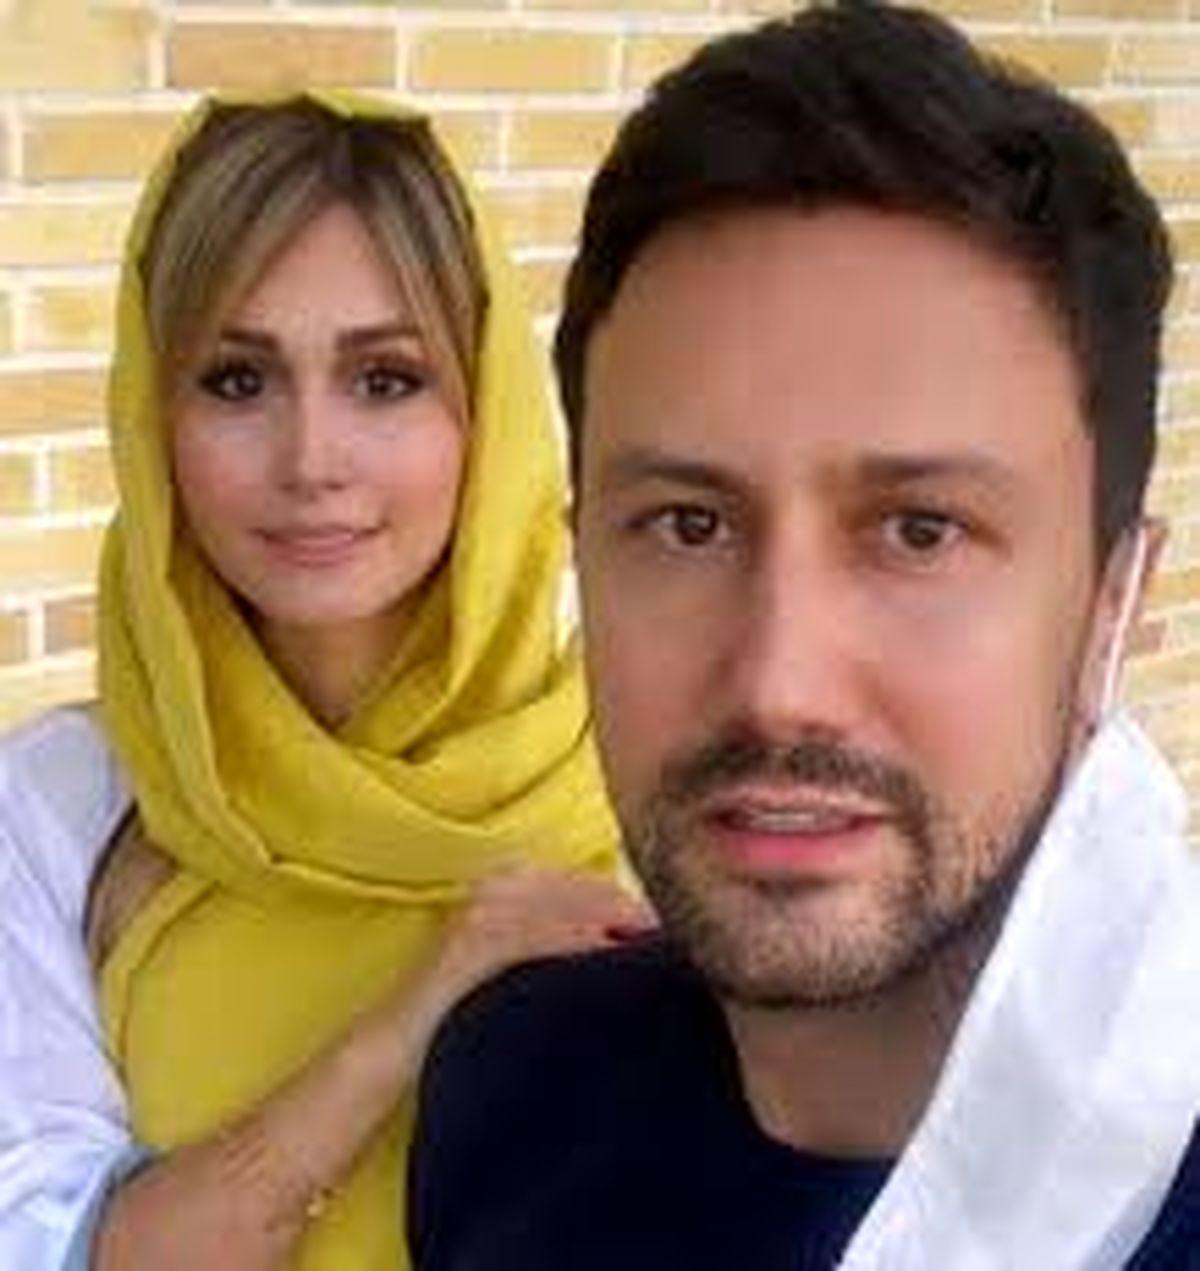 درآمد هنگفت همسر شاهرخ استخری لو رفت + عکس